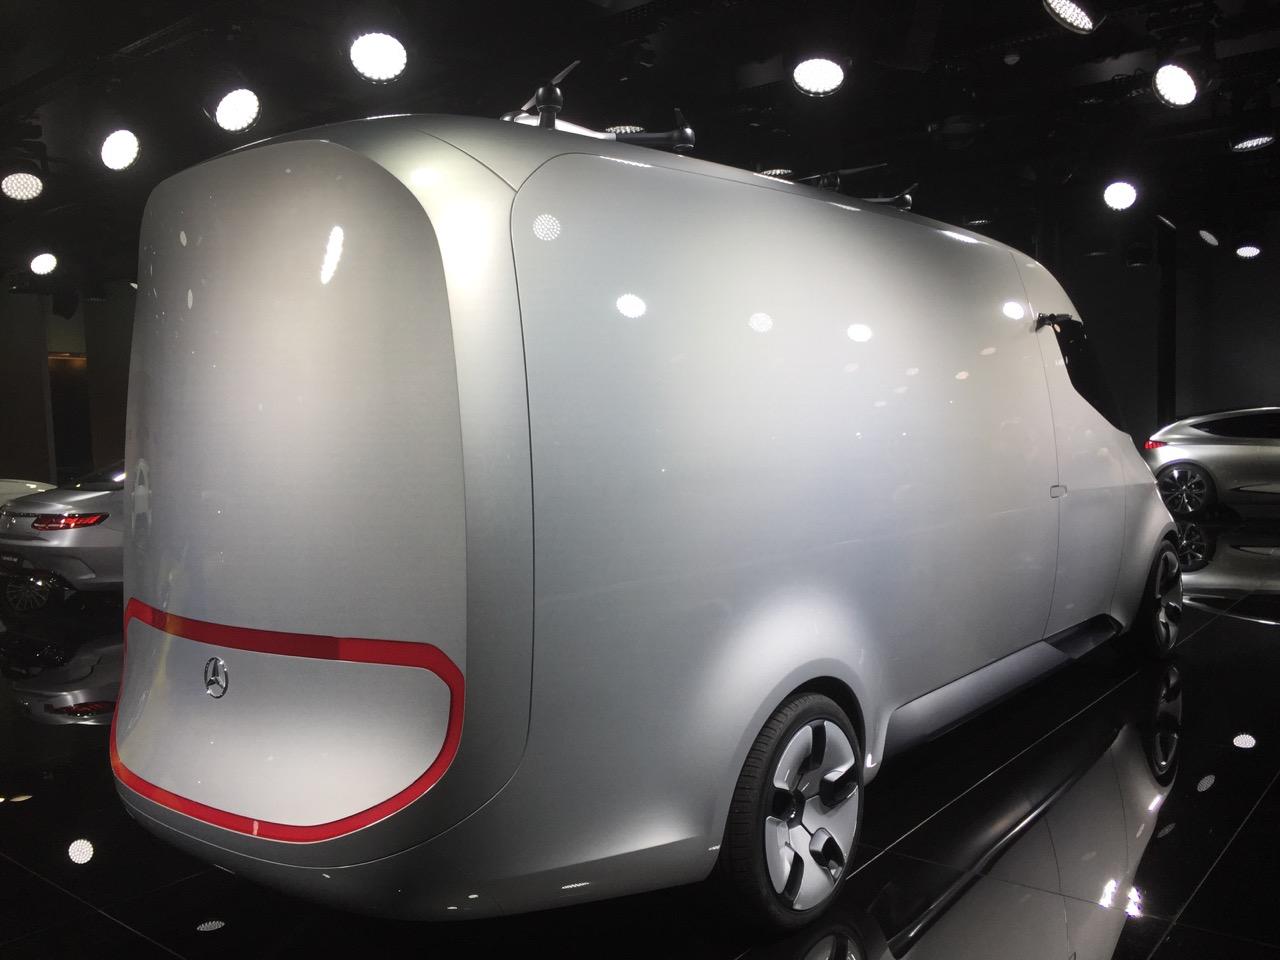 Mercedes autonom varevogn med droner